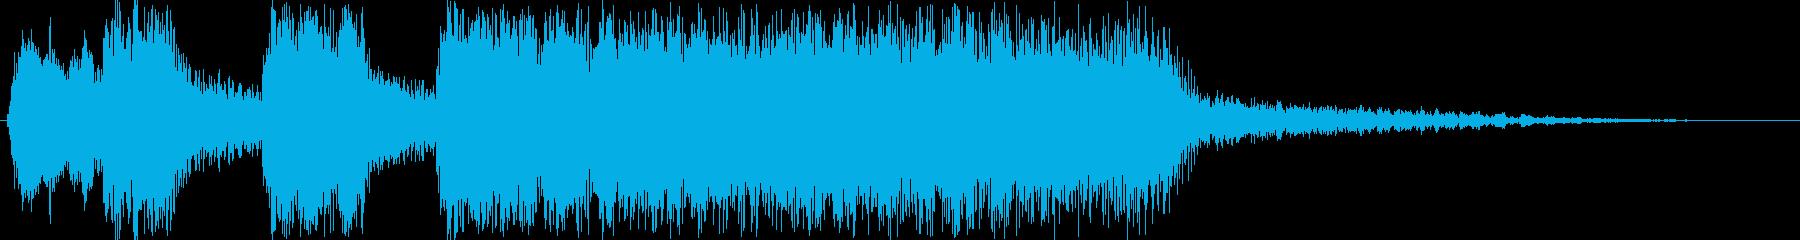 残念、失敗、負け、等に使えるサウンドロゴの再生済みの波形